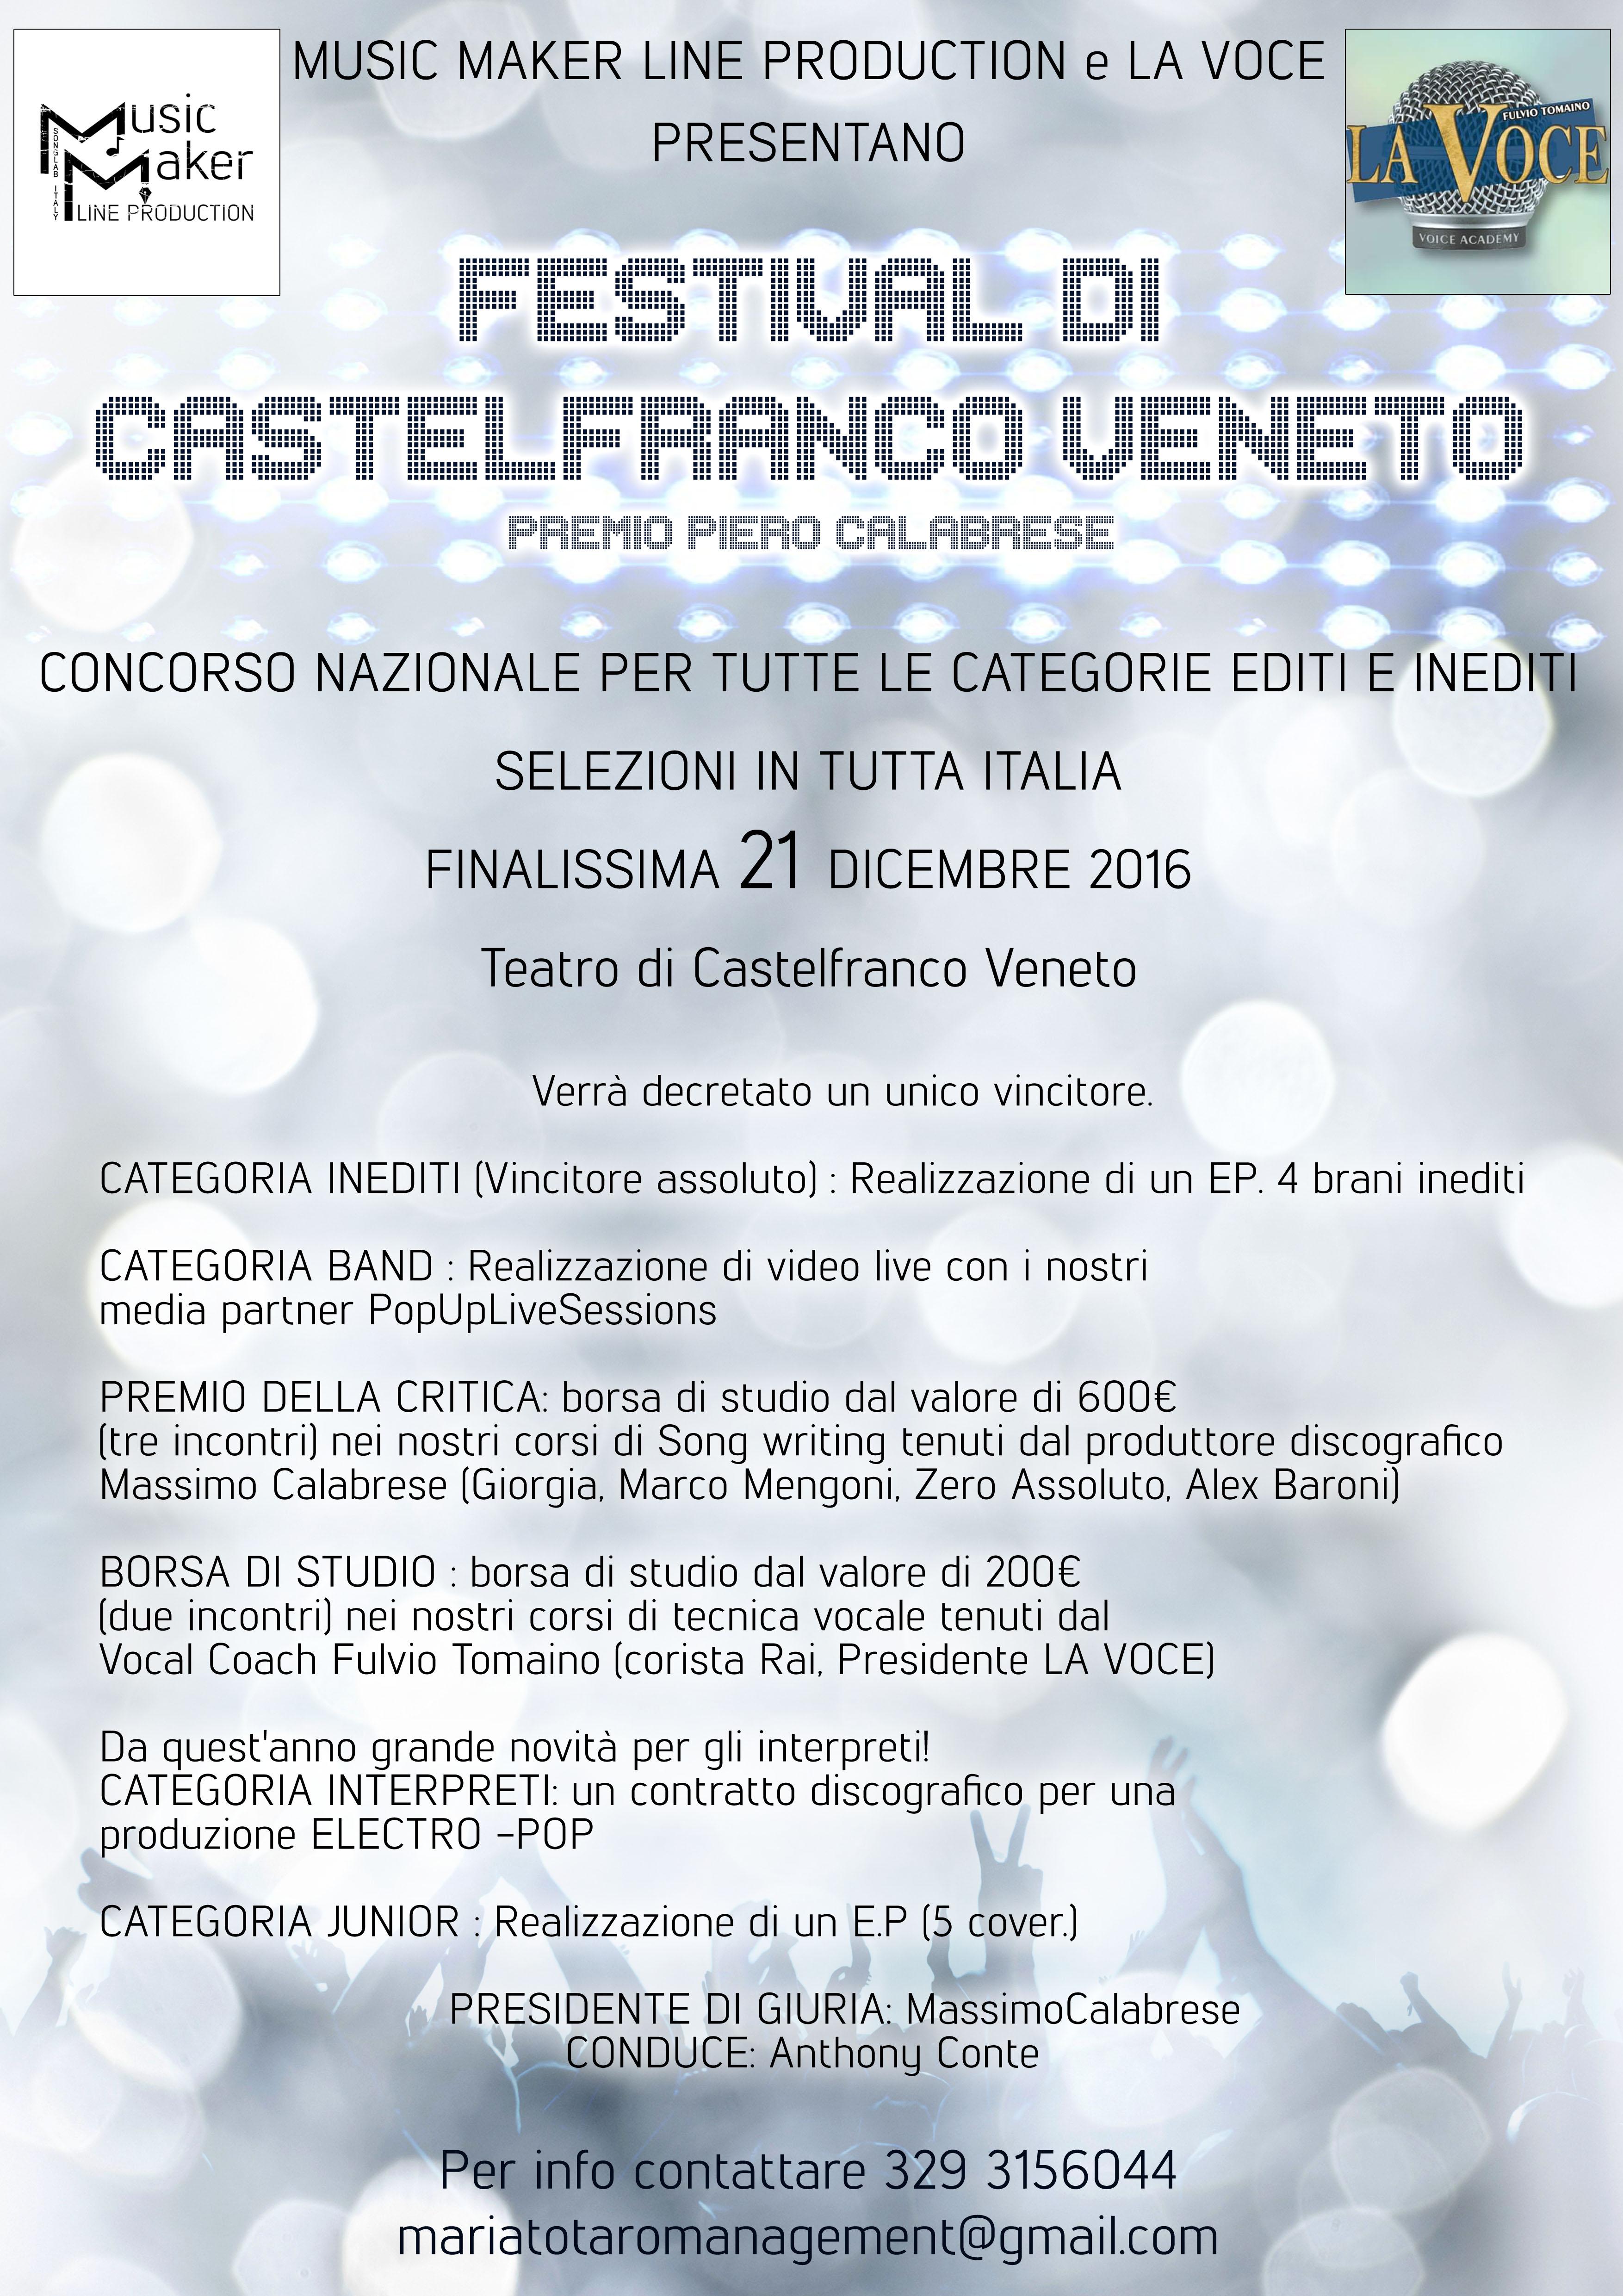 Festival di Castelfranco Veneto